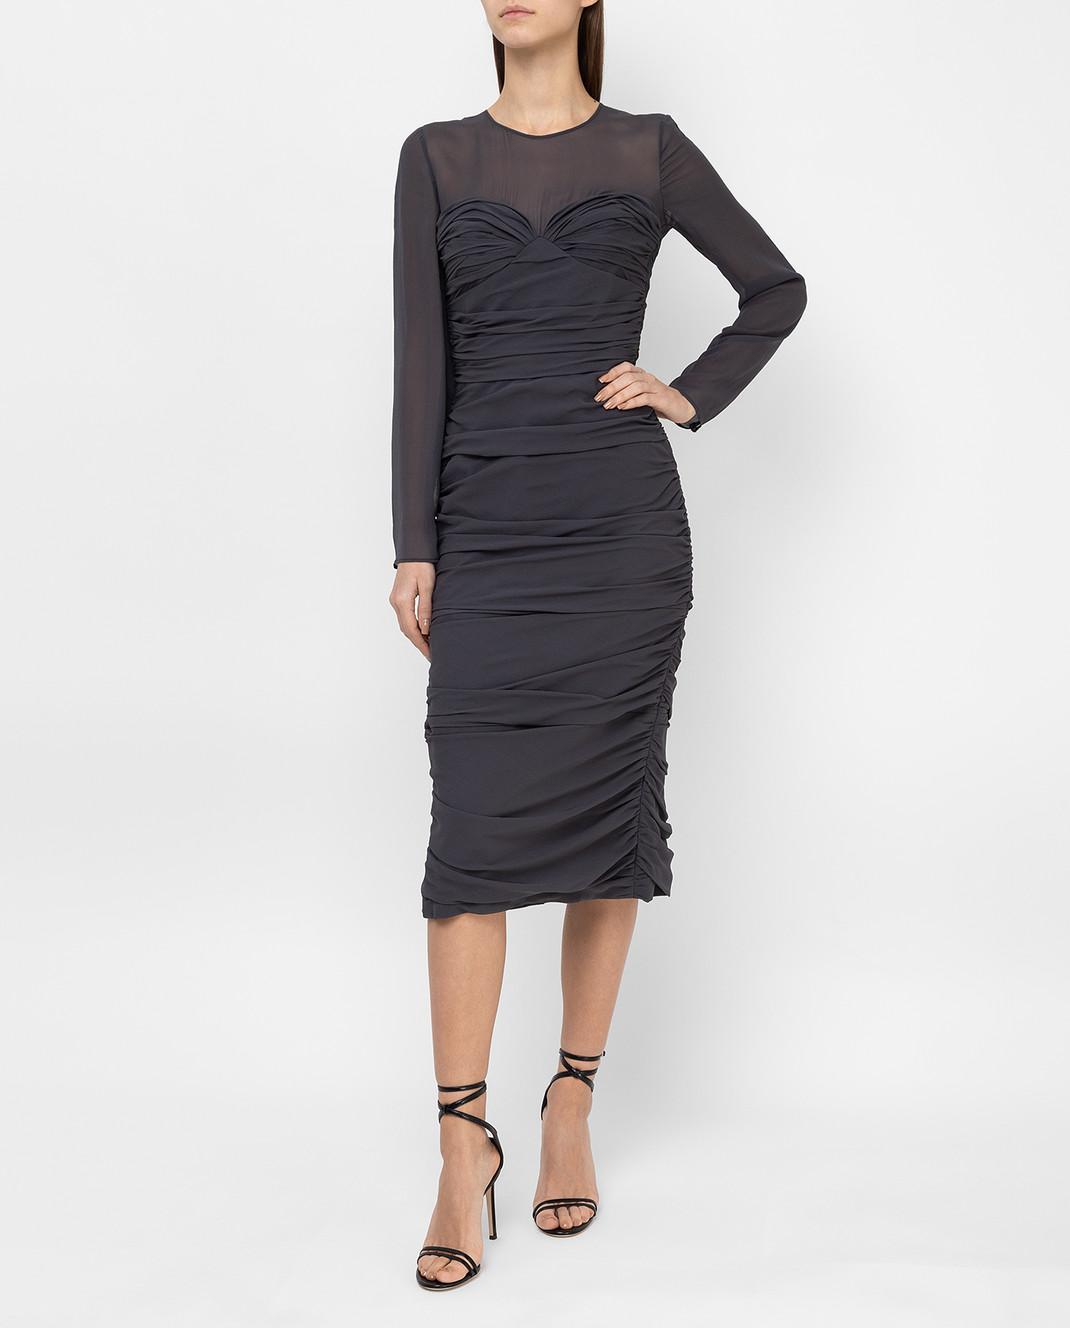 Max Mara Темно-серое платье из шелка ODER изображение 2